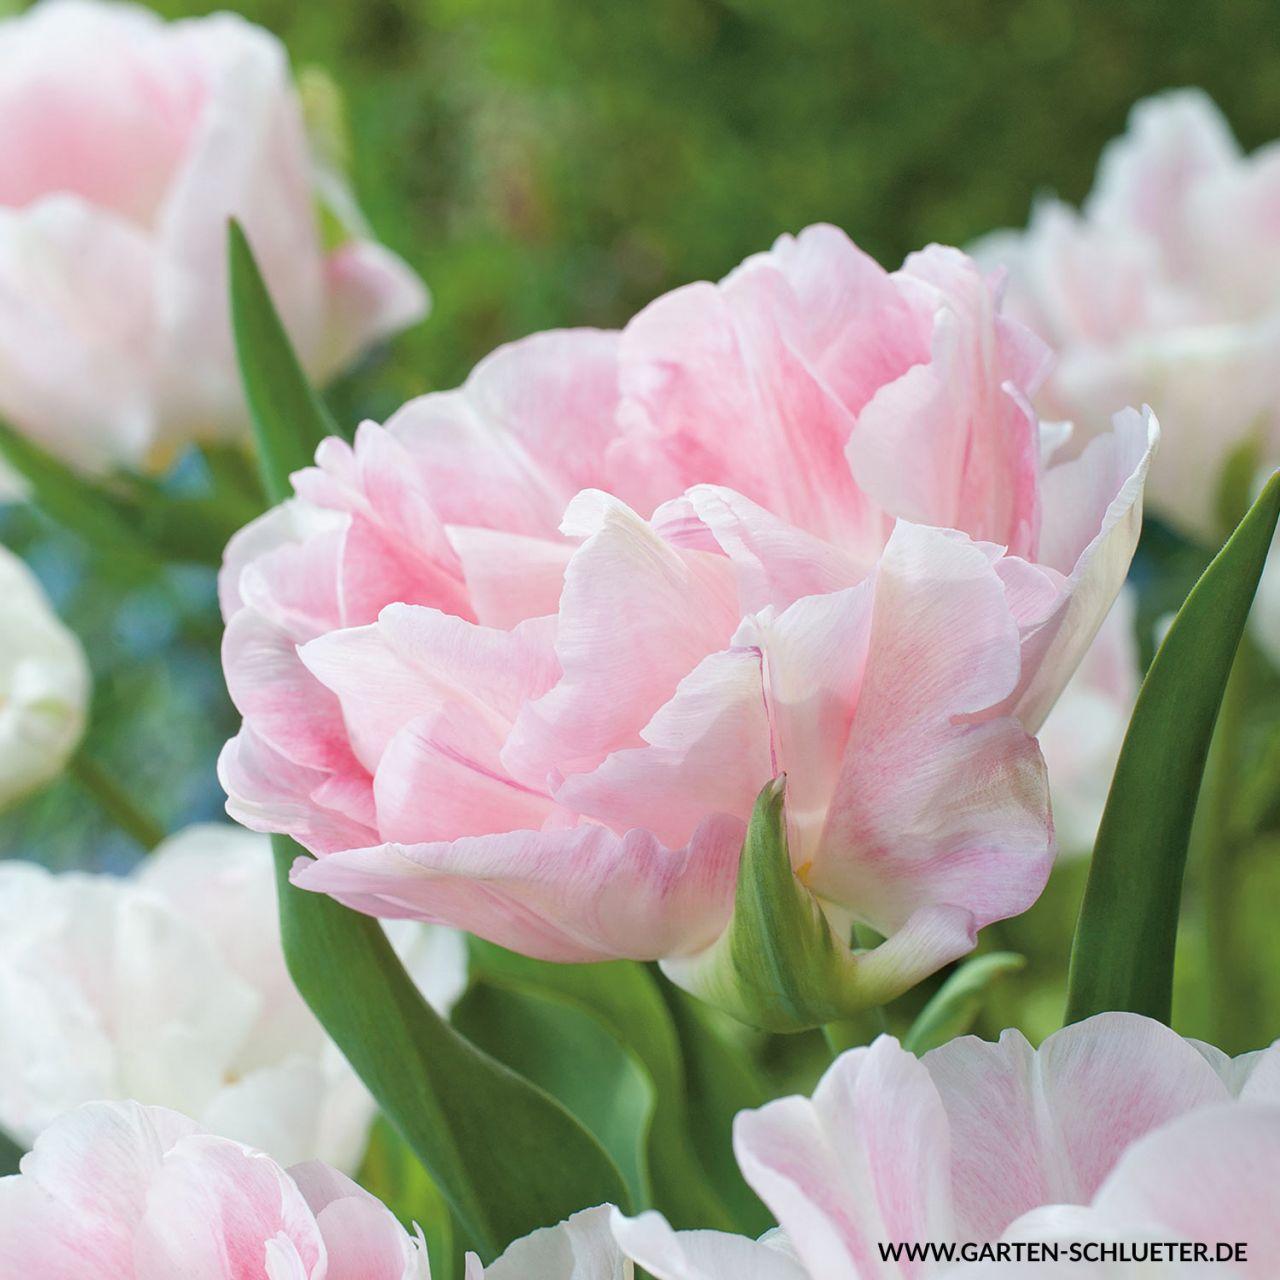 Garten-Schlueter.de: Gefüllte späte Tulpe Angelique - 7 Stück